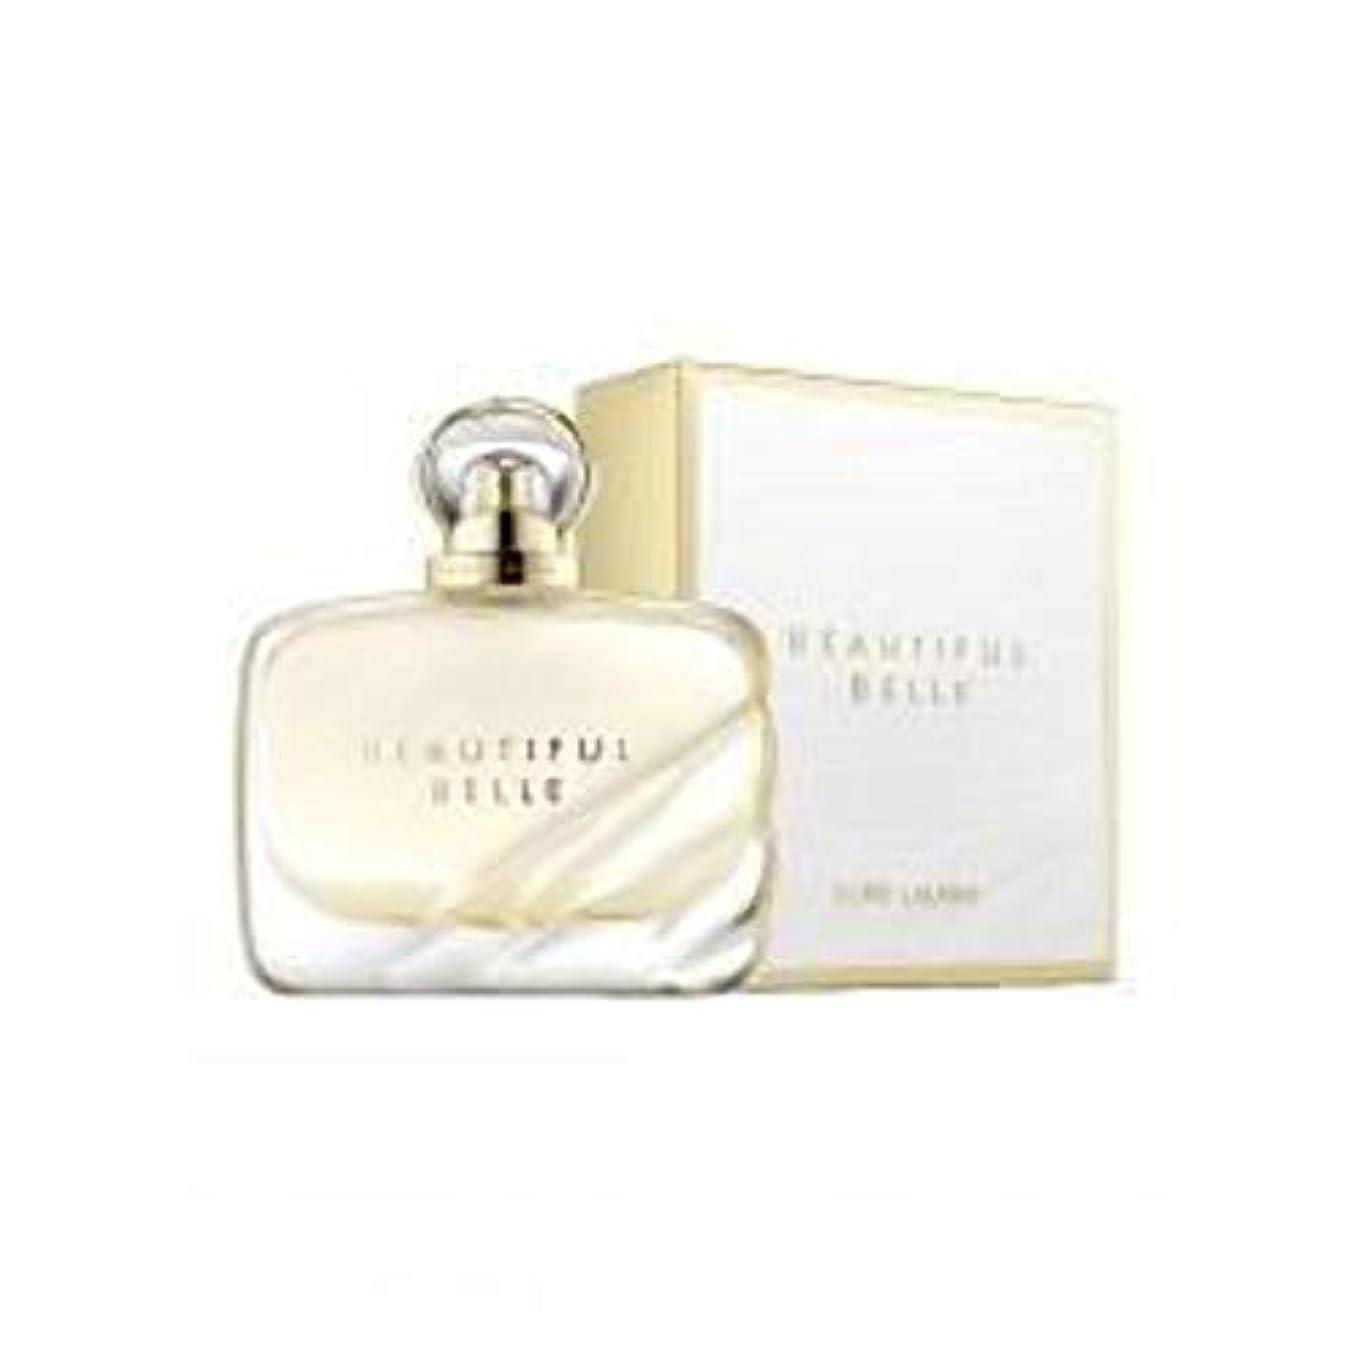 罪悪感ペンス討論Estee Lauder Beautiful Belle 100 ML Eau de Parfum